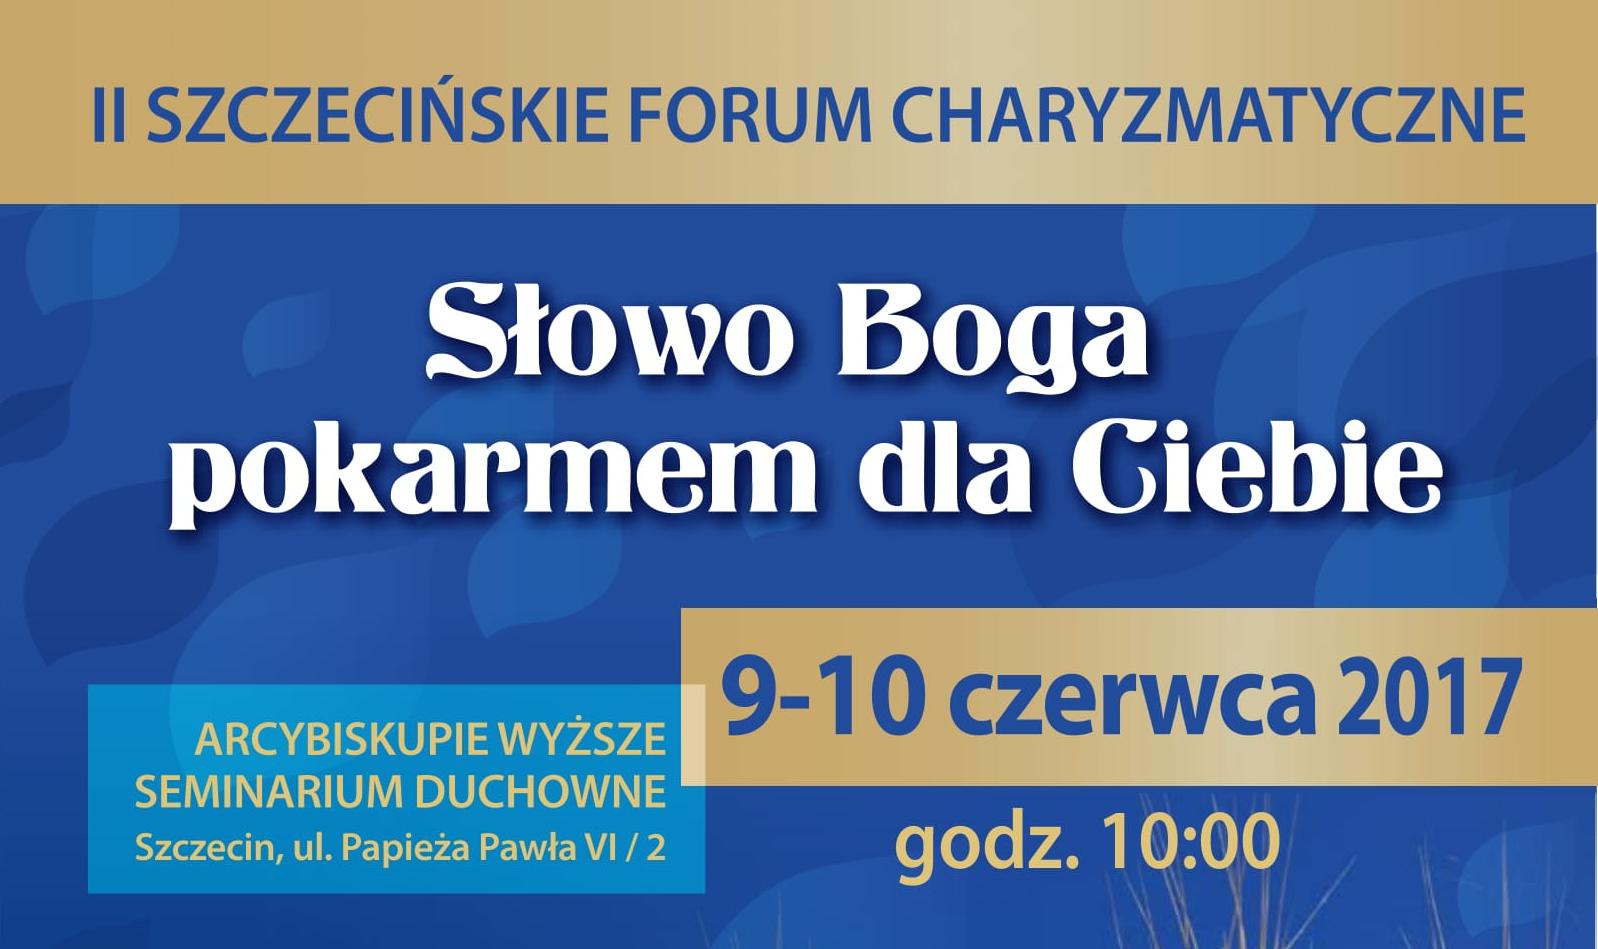 II Szczecińskie Forum Charyzmatyczne